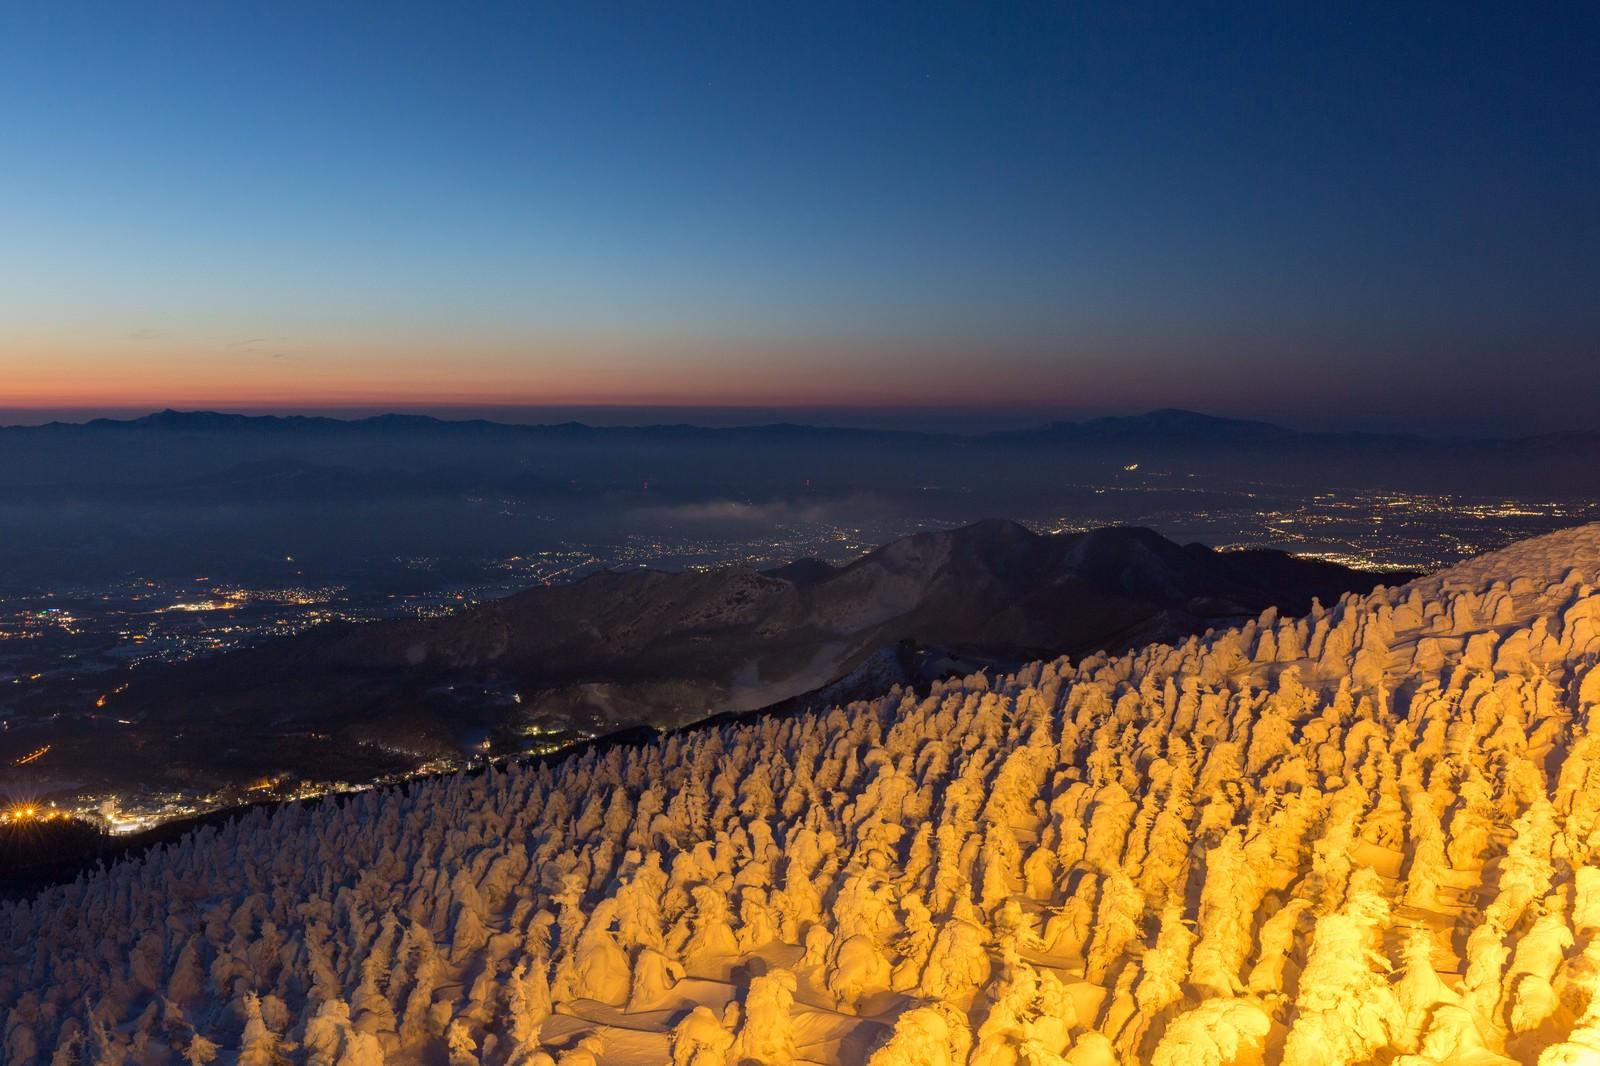 「樹氷と街の夜景樹氷と街の夜景」のフリー写真素材を拡大